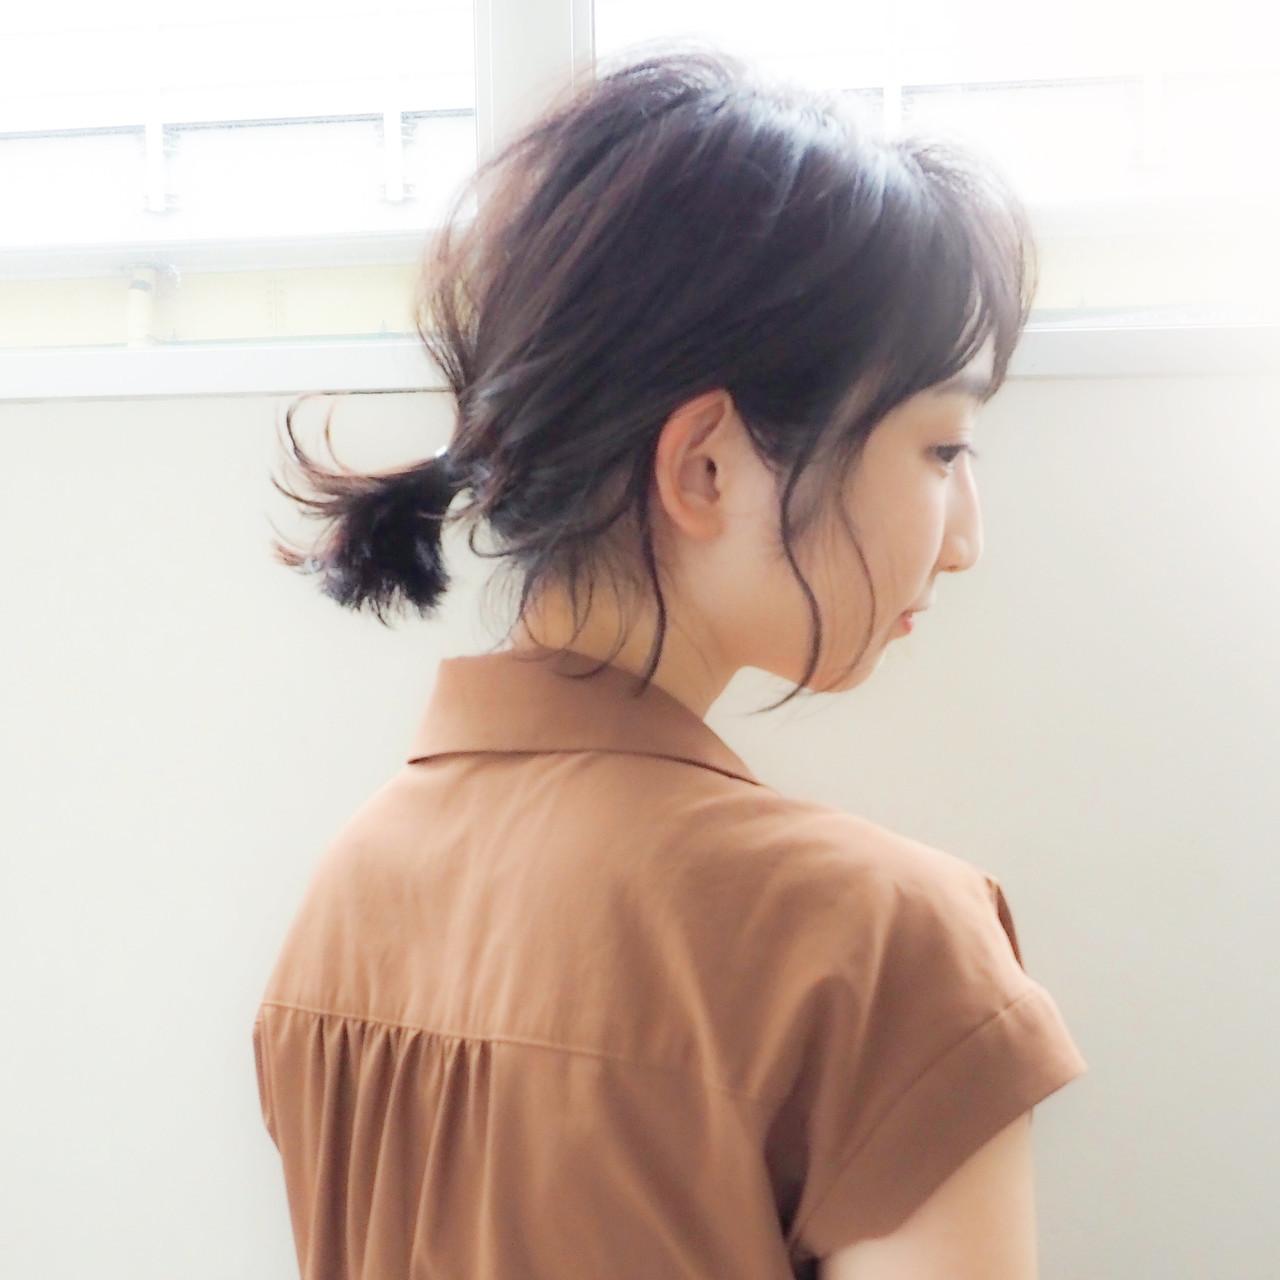 ポニーテールアレンジ ナチュラル ポニーテール ヘアアレンジ ヘアスタイルや髪型の写真・画像